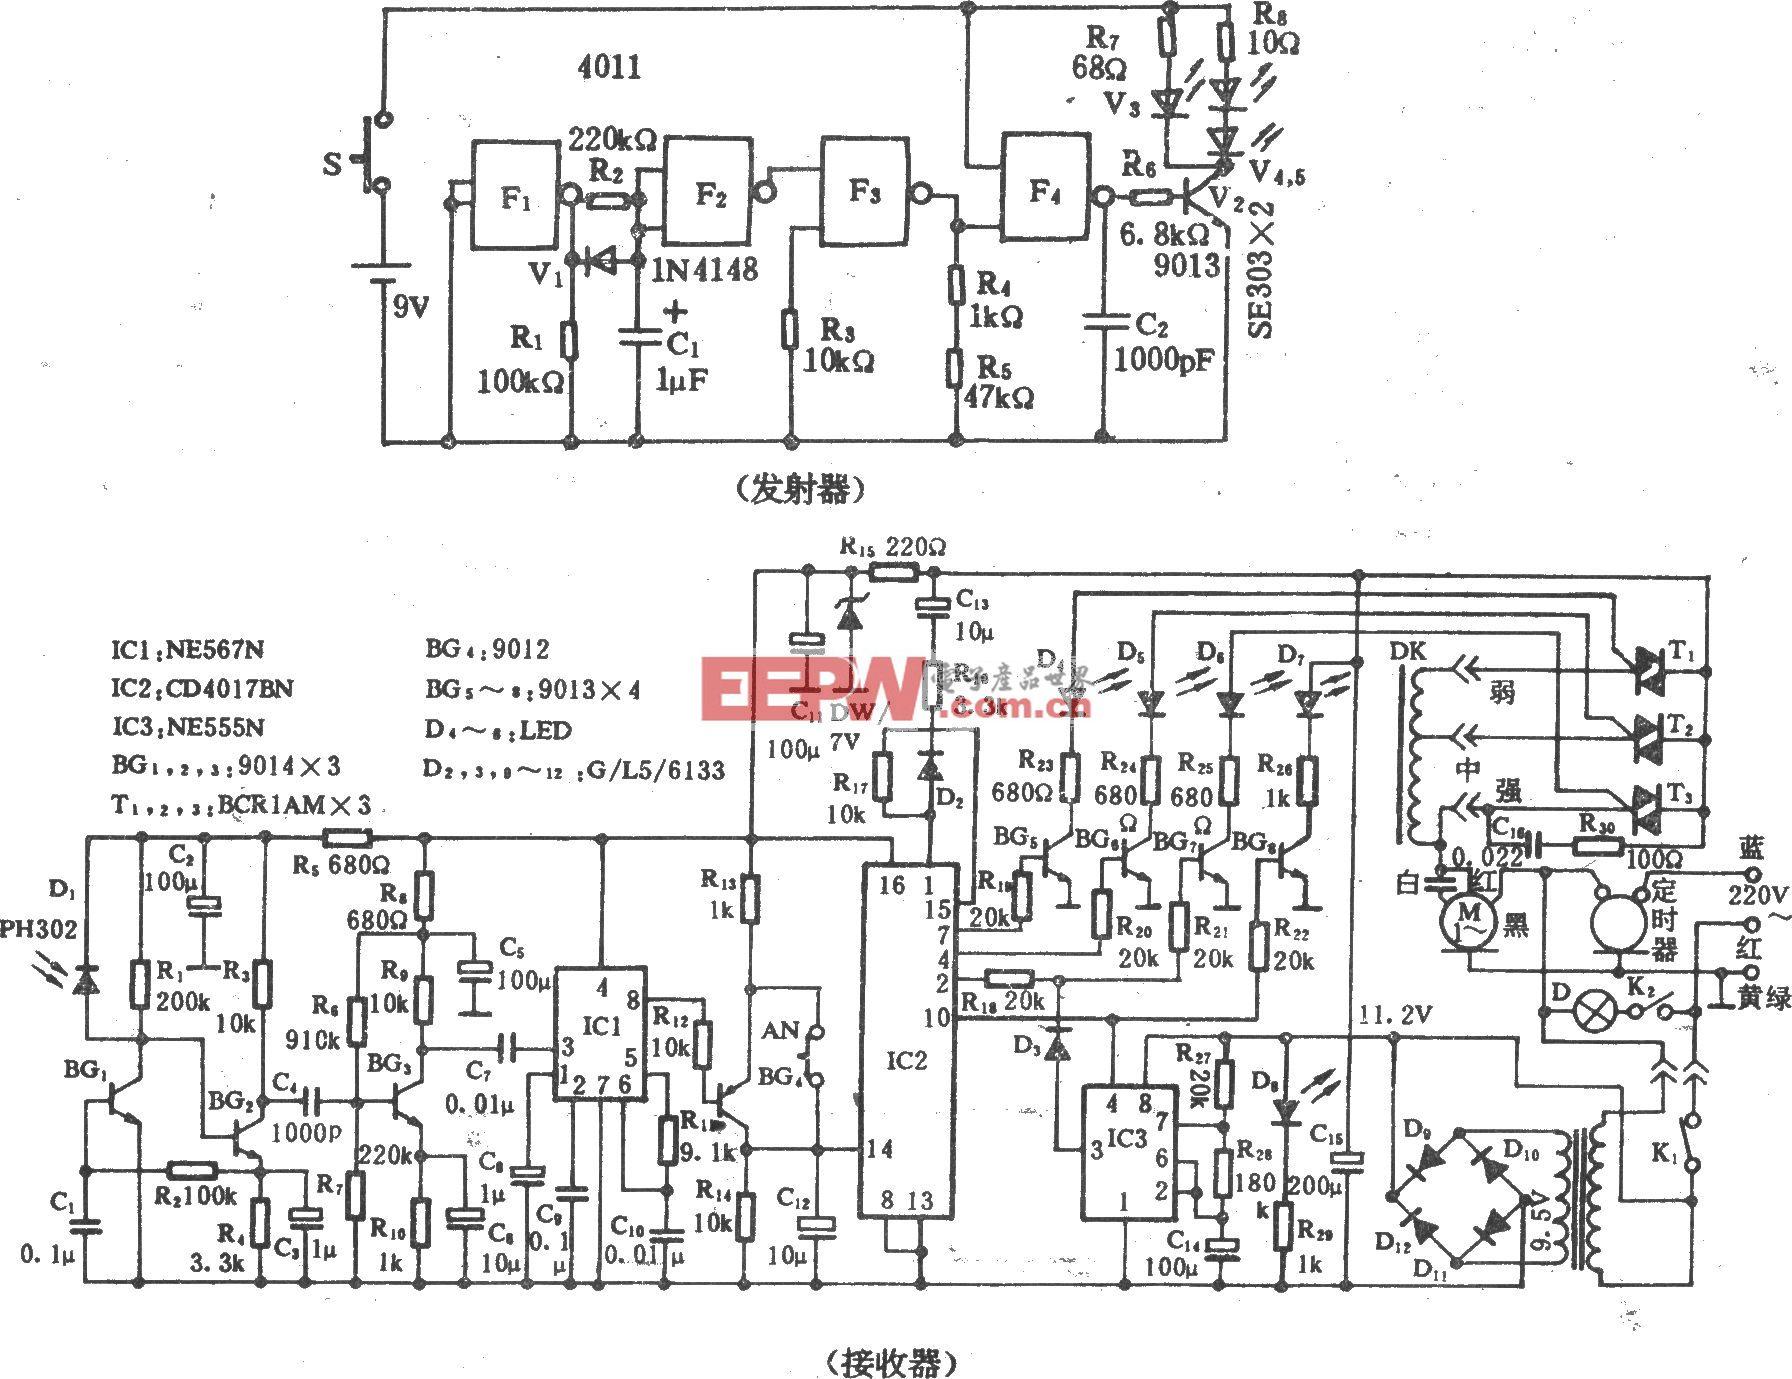 电风扇红外遥控电路(长城FS-19-40)